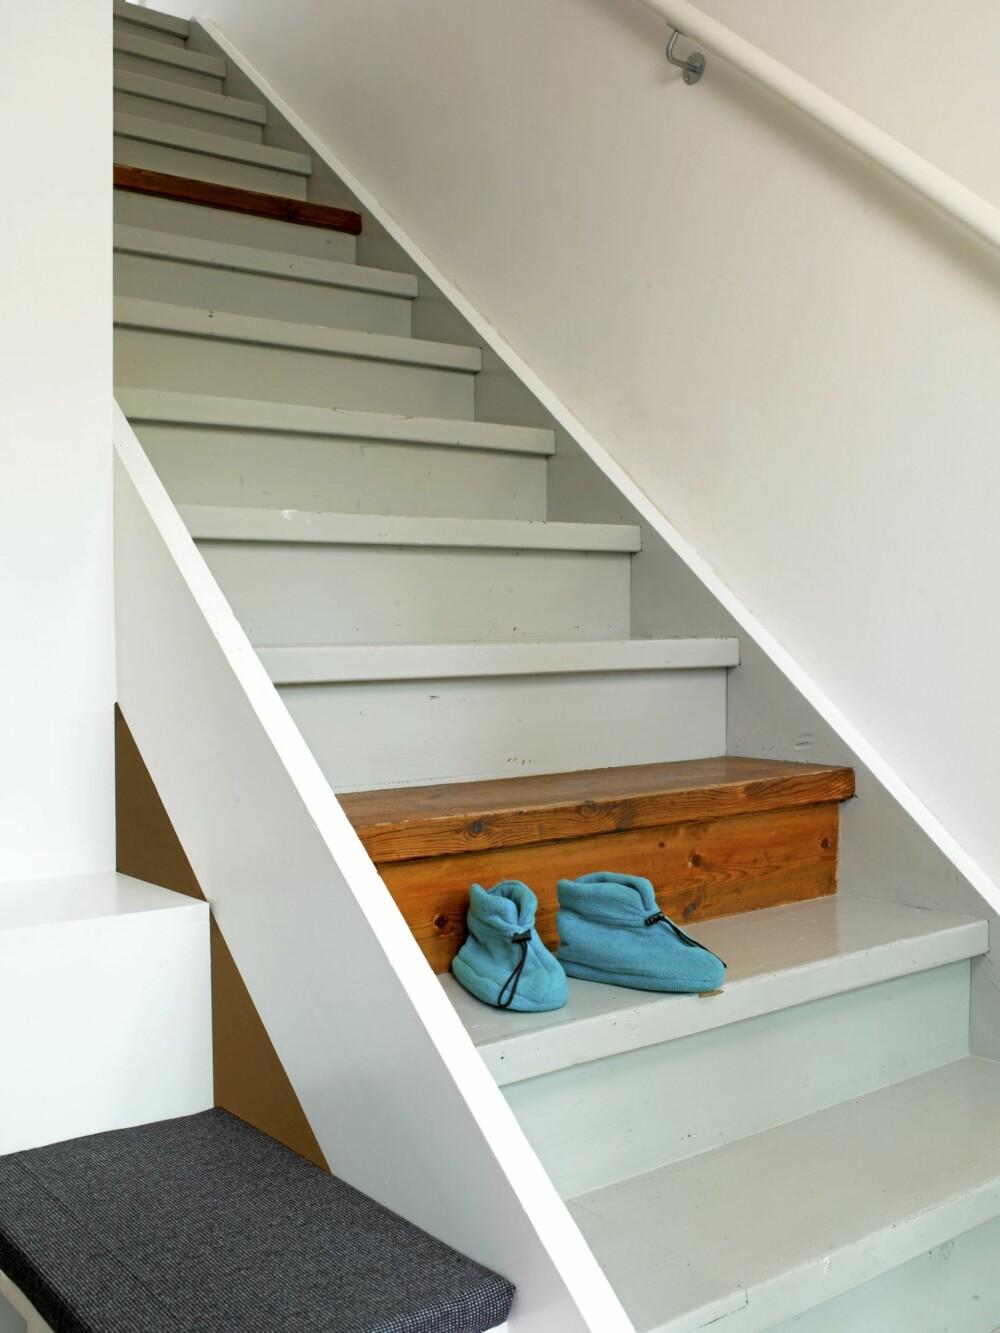 REDDET FRA MALERKOSTEN: Det ene umalte trinnet utgjør et overraskende element i en ellers forutsigbar trapp.